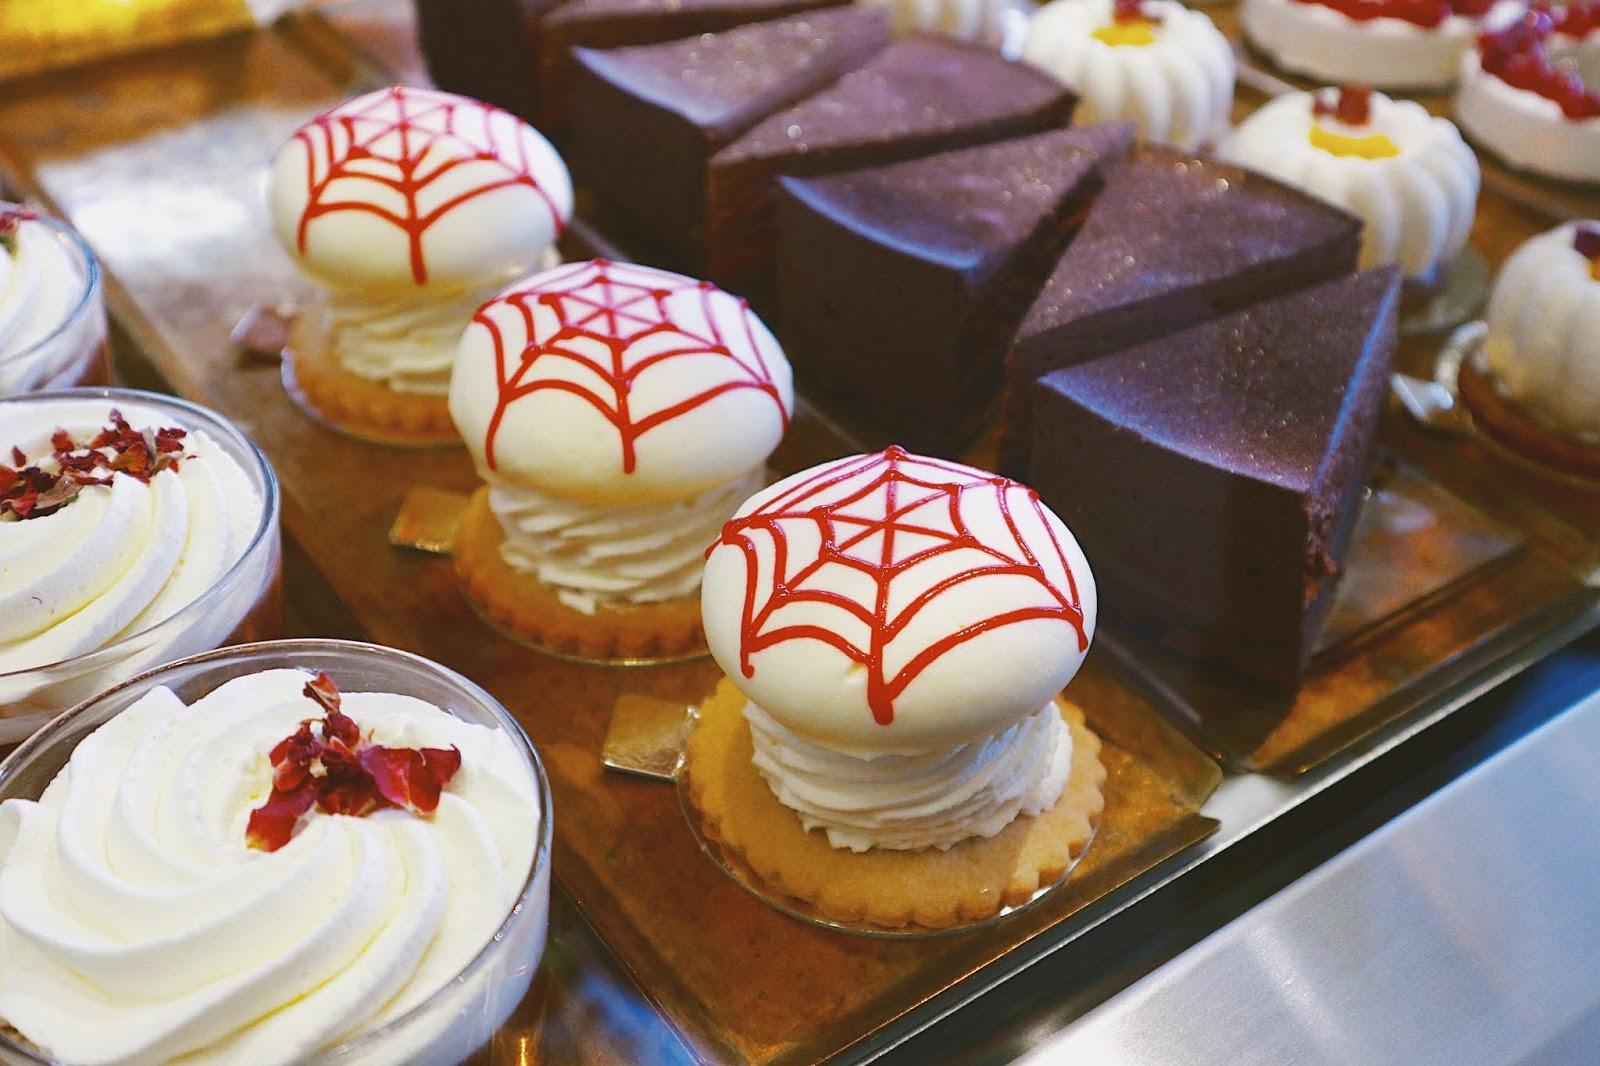 halloween cakes in Copenhagen